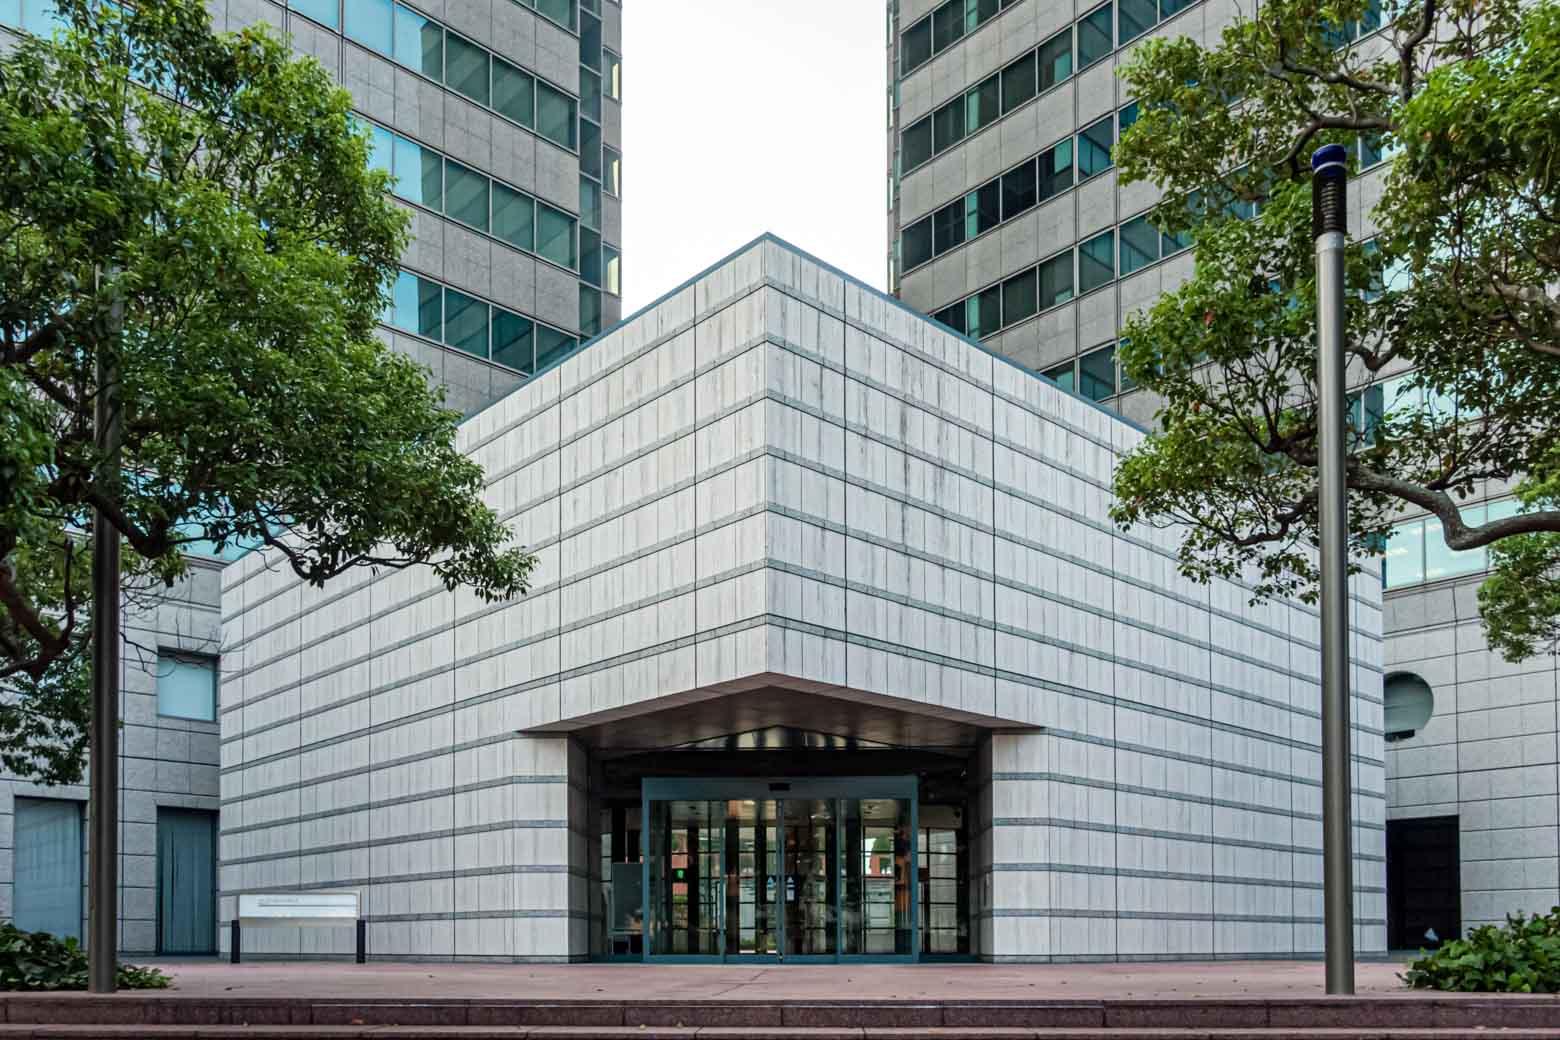 もう一箇所だけ、おすすめスポットを紹介させてください、こちらはオフィスや飲食店、公園などがひとつにまとまった〈横浜ビジネスパーク〉という大型施設です。